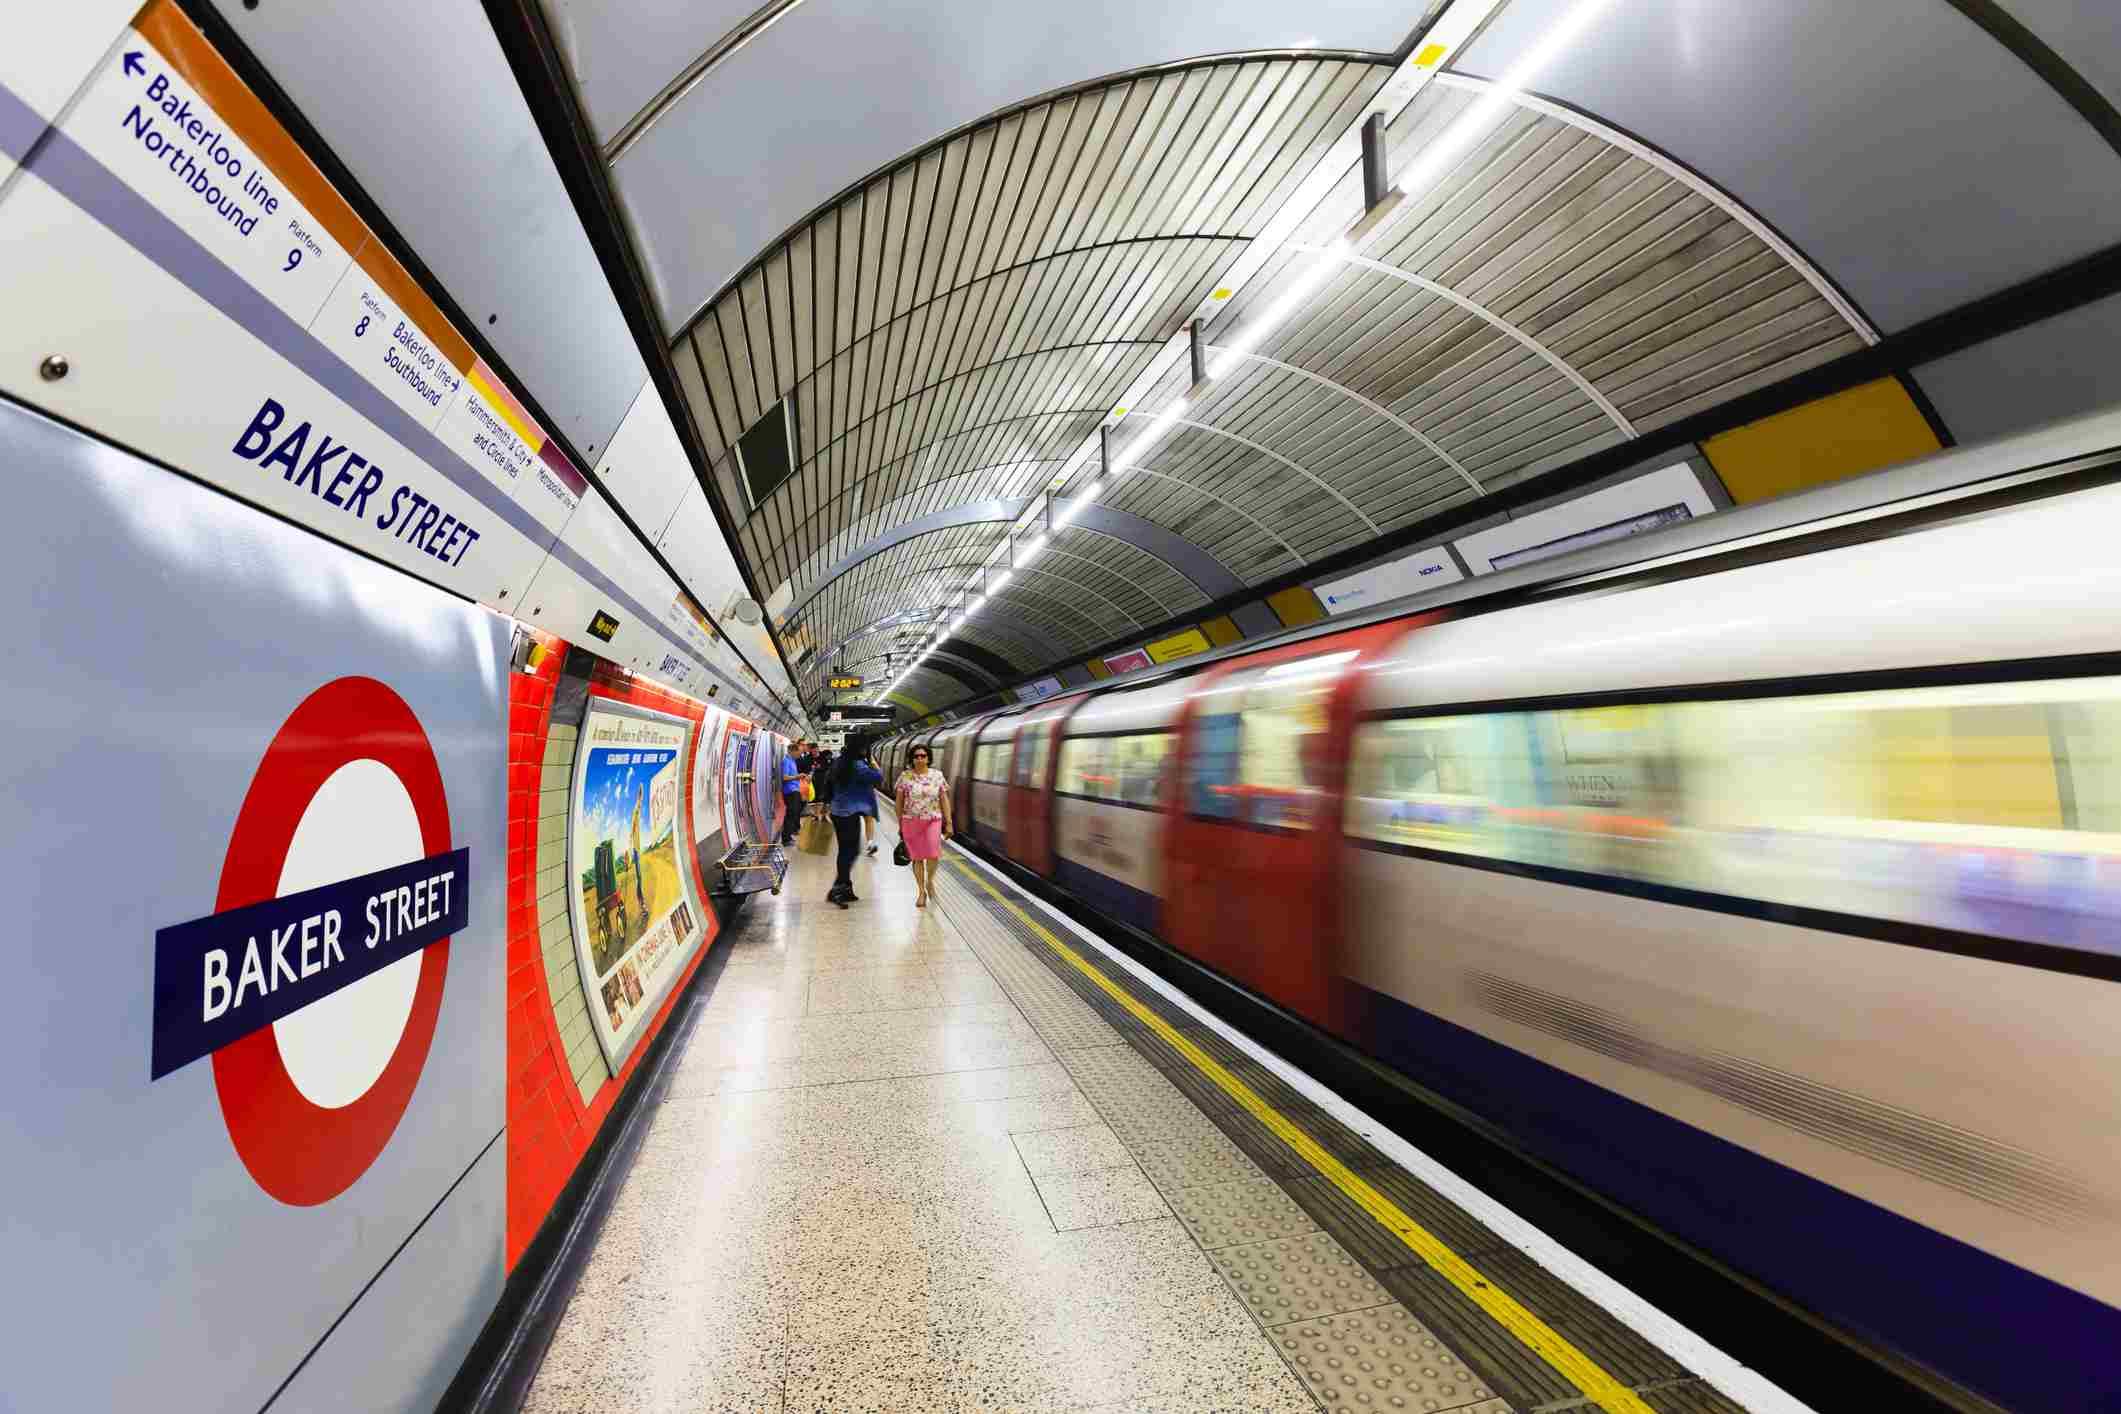 Baker Street Station en el metro de Londres